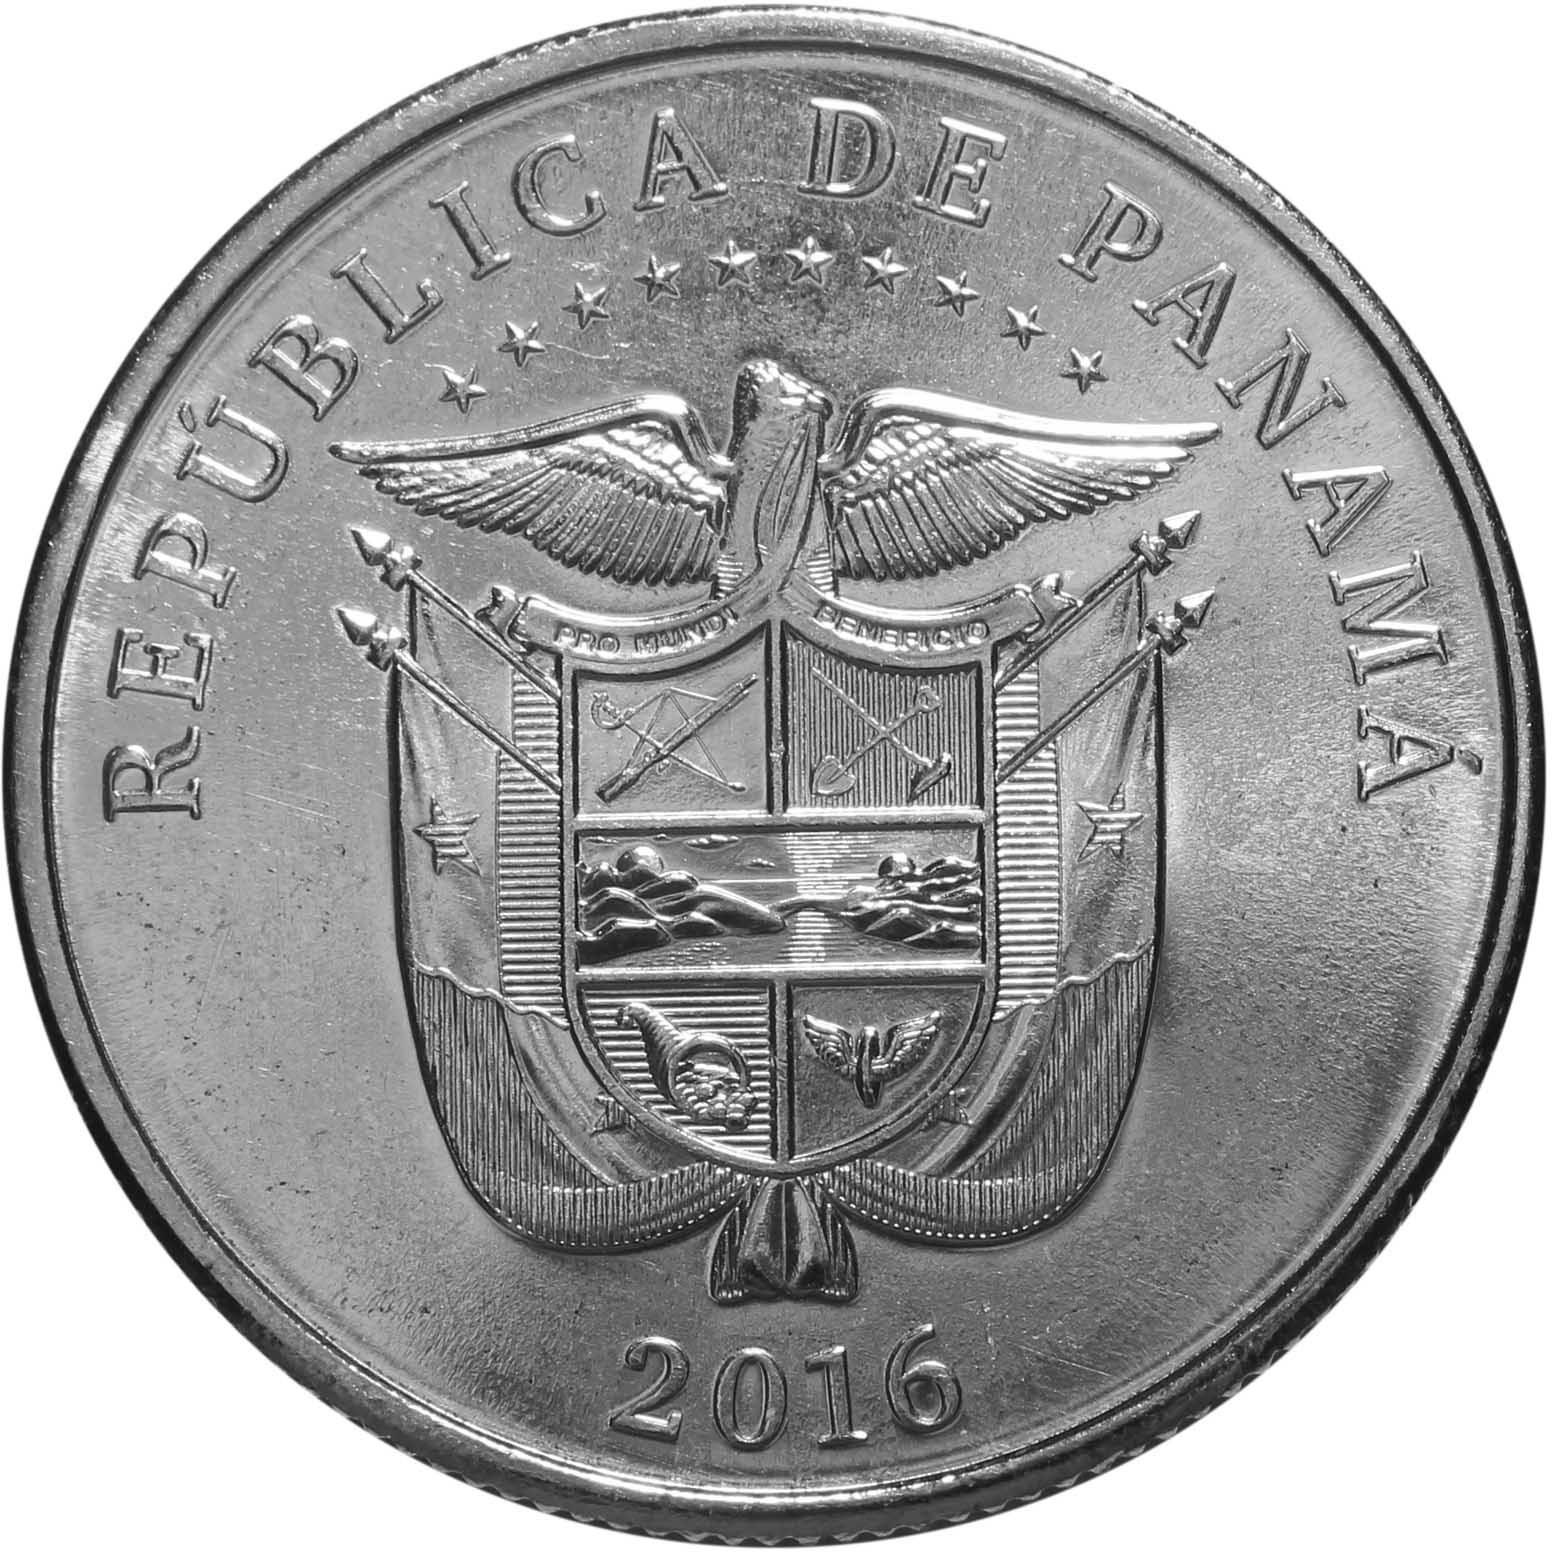 1/4 бальбоа. 100 лет строительству Панамского канала. Век объединяя мир. Панама. 2016 год. UNC